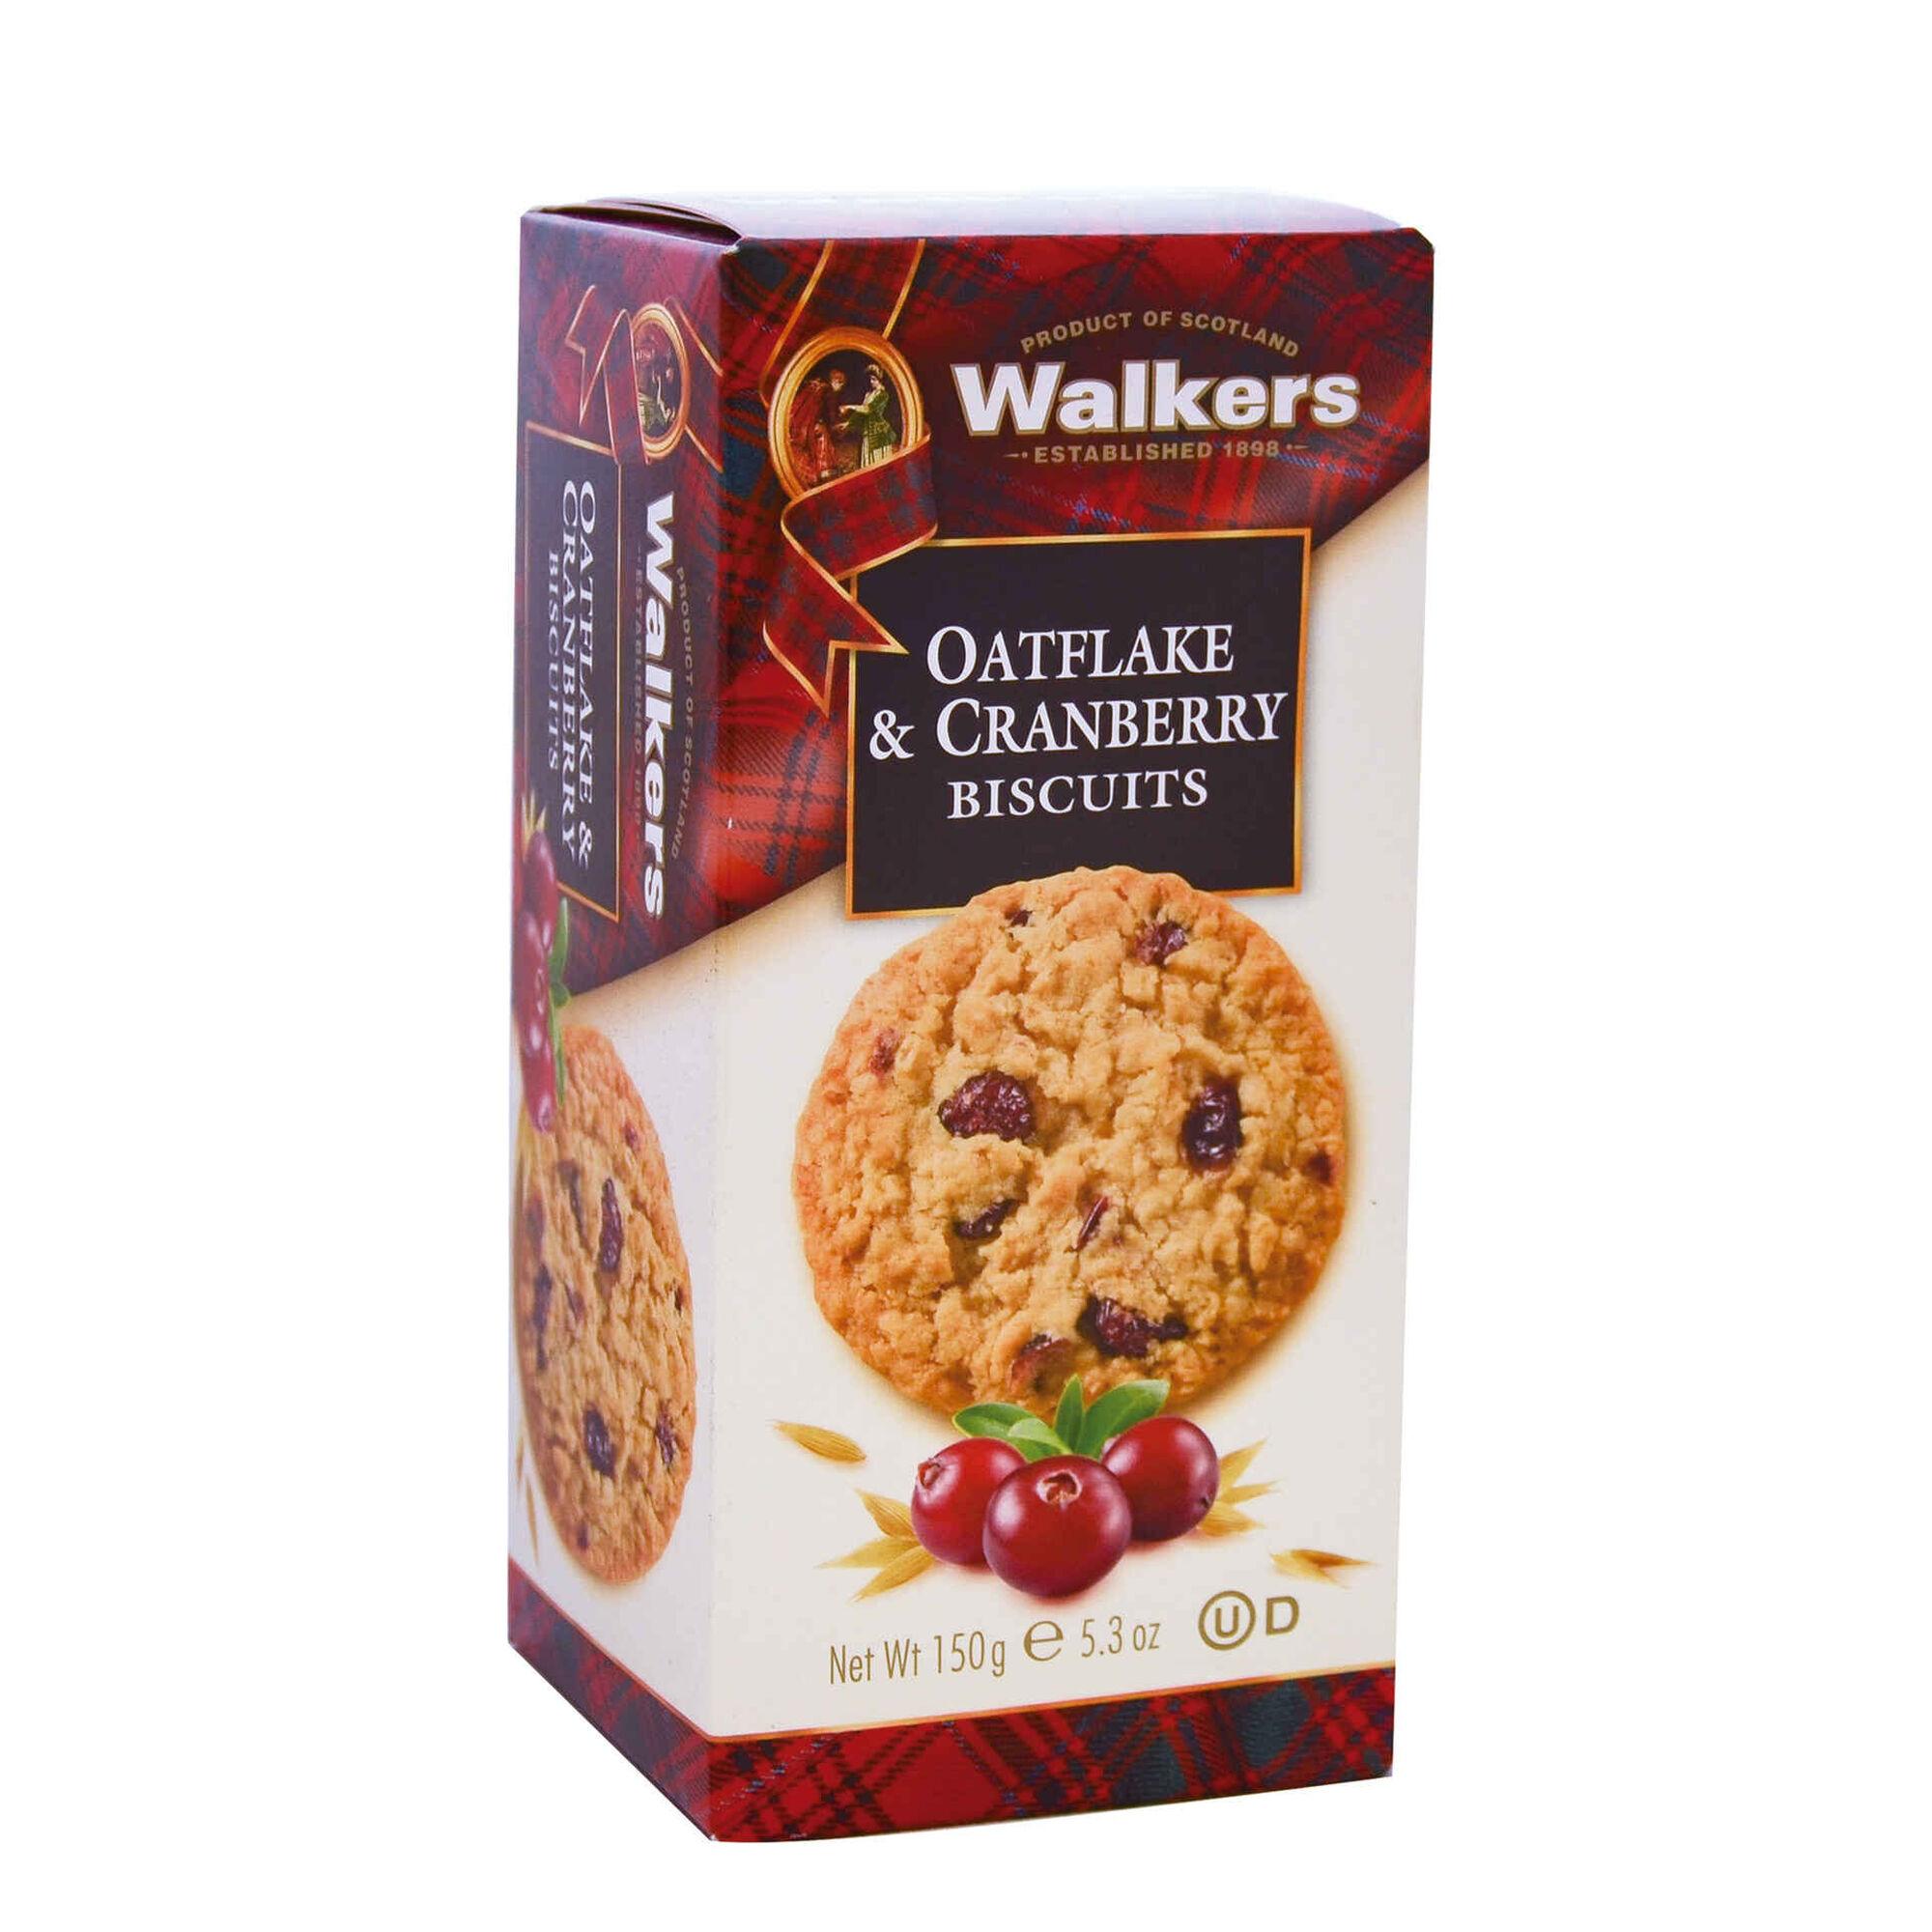 Bolachas de Manteiga Oatflakes and Cranberry